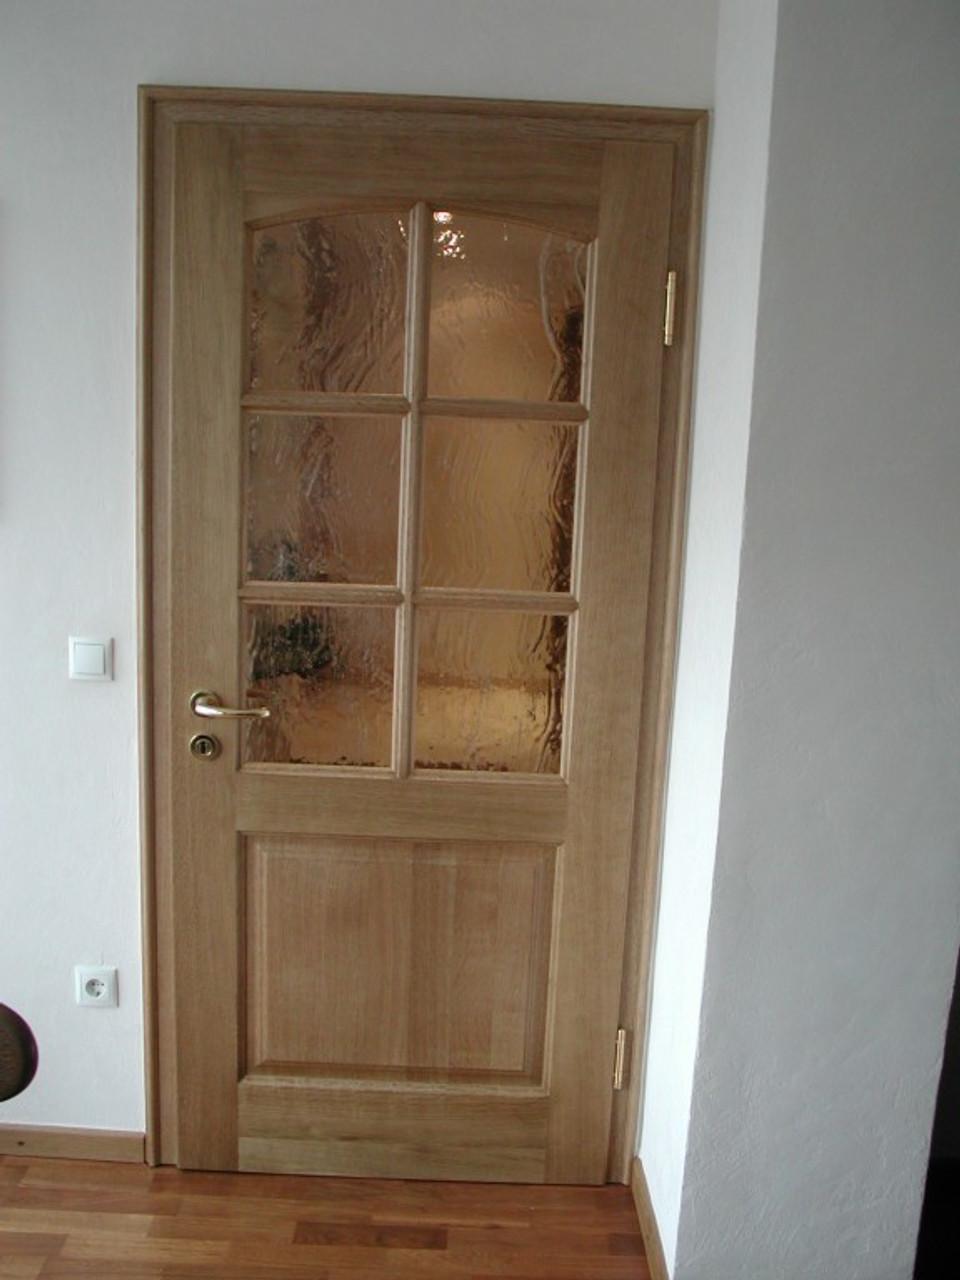 Zimmertür mit 2 Füllungen, obere Türfüllung mit flachem Stichogen, Glaseinsatz mit Sprossen, Eiche massiv